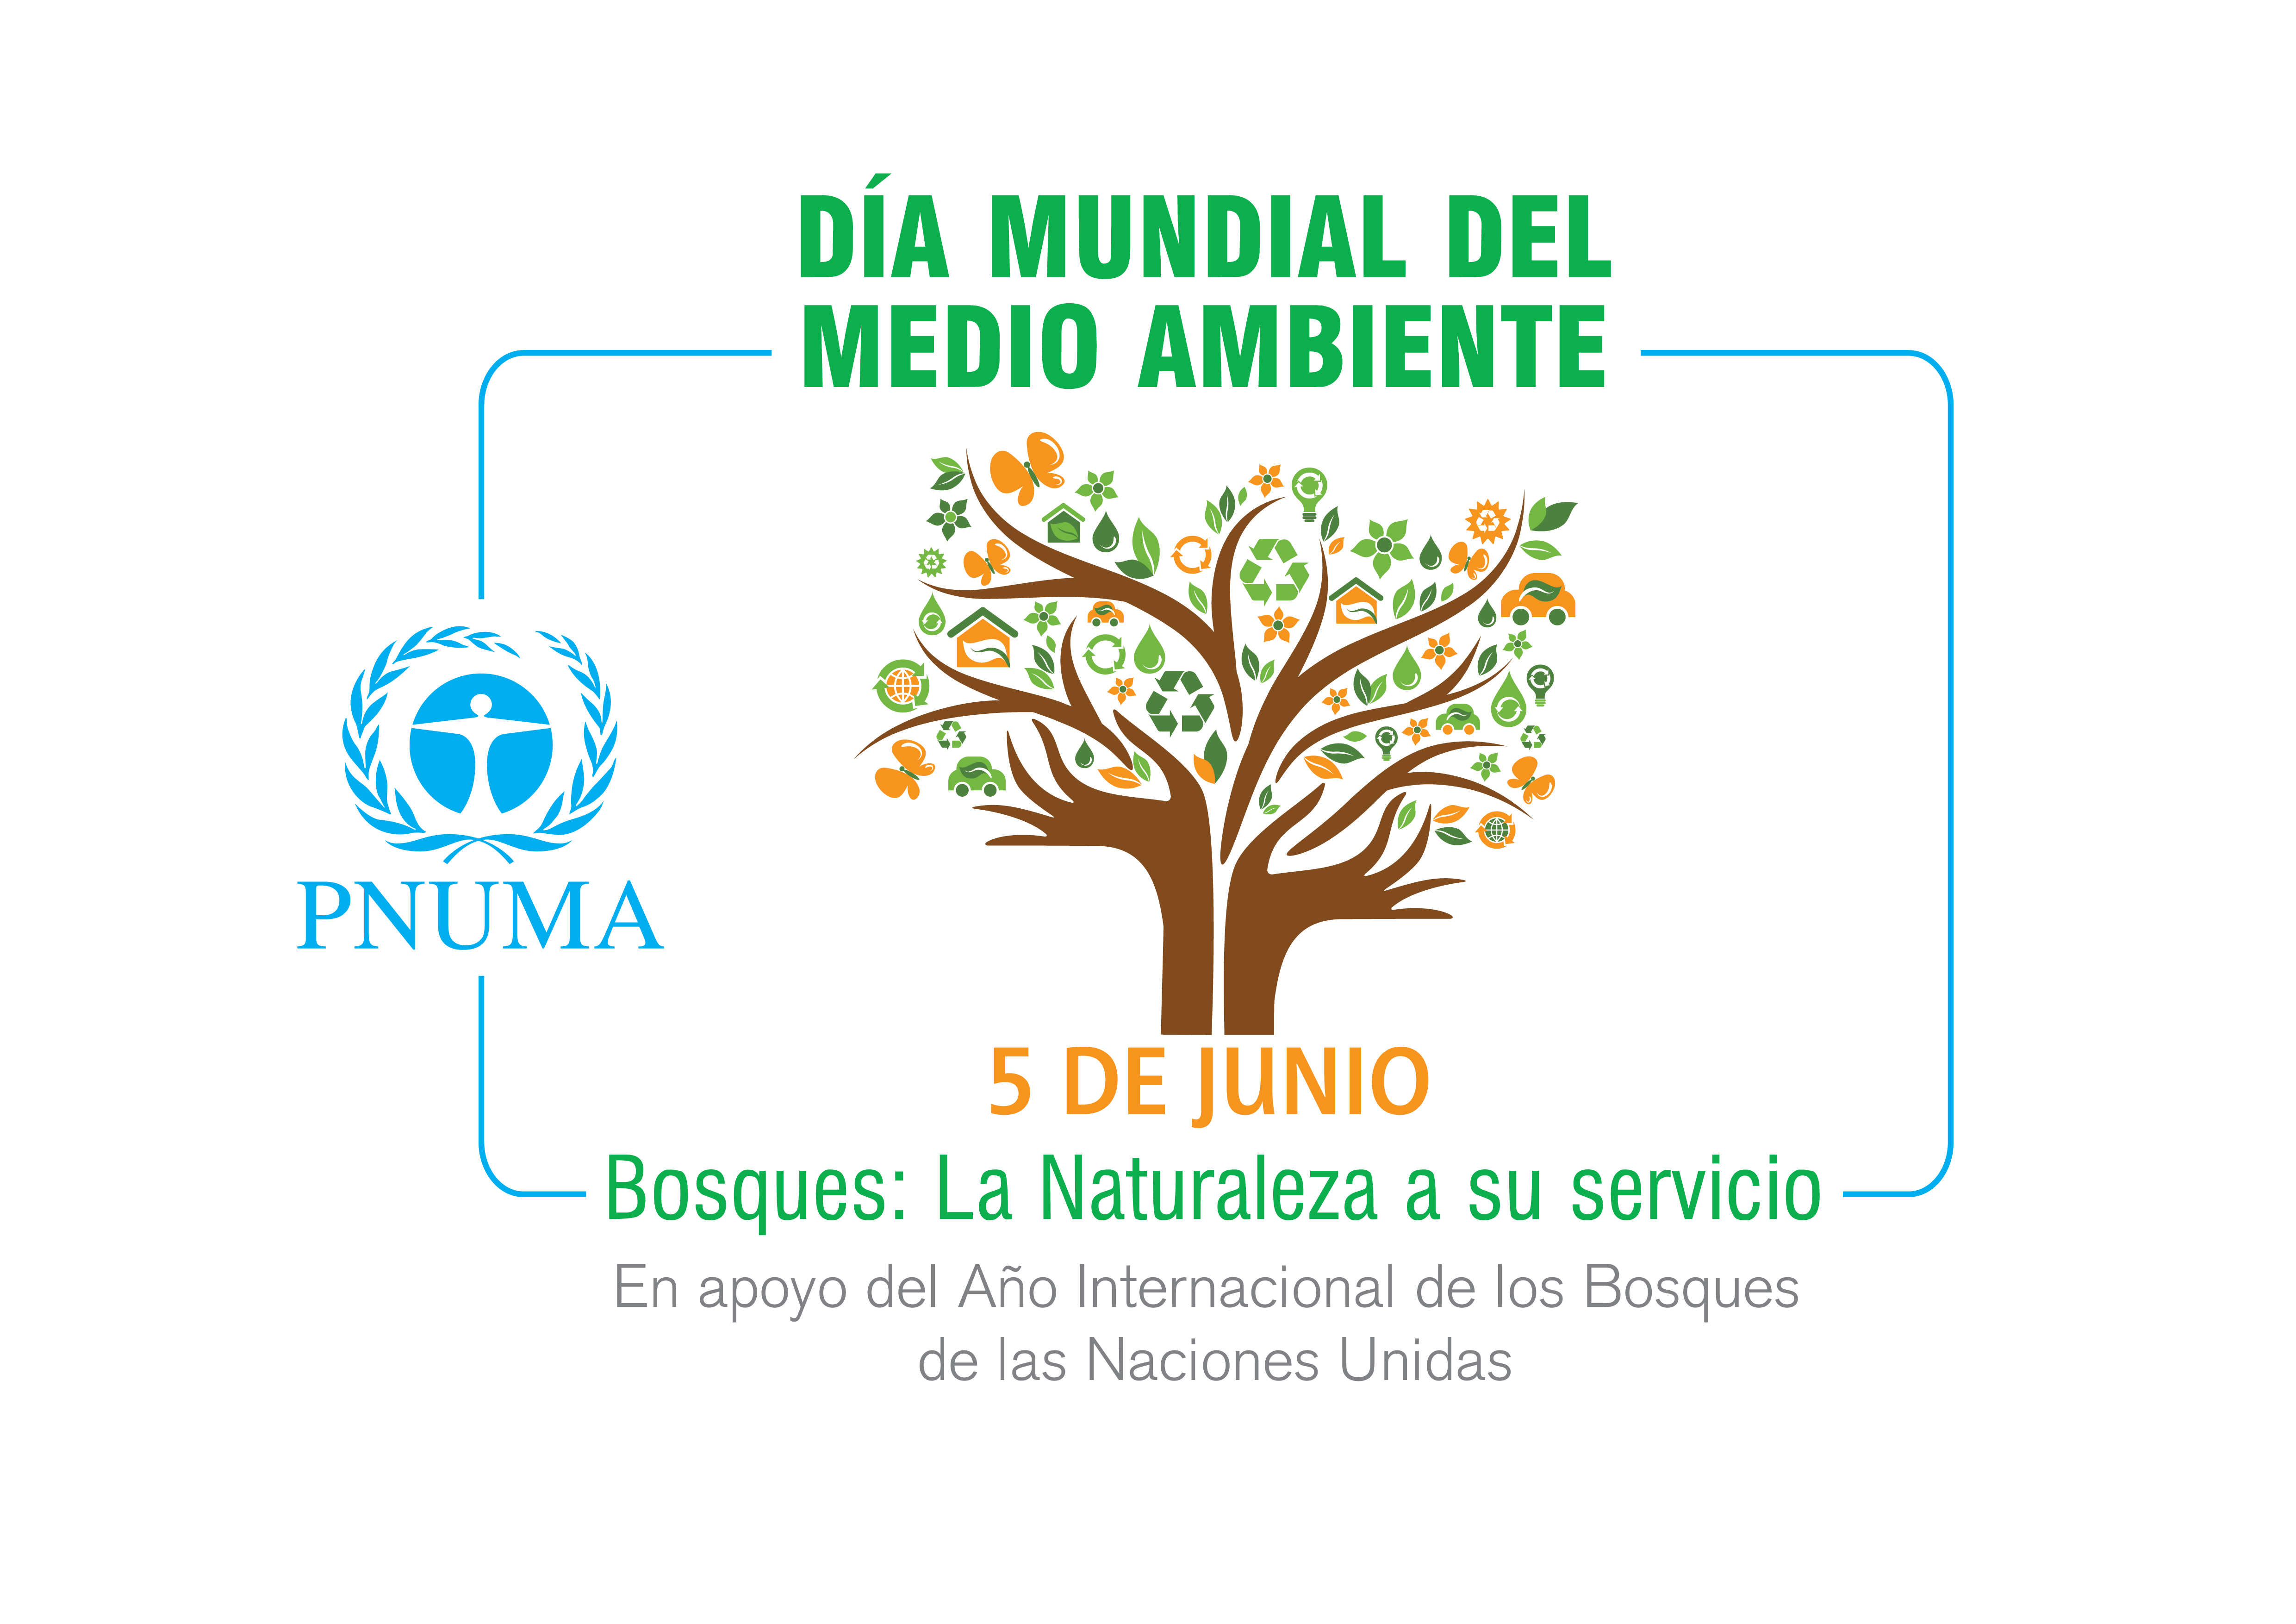 http://galego.lavozdegalicia.es/noticia/lavozdelaescuela/2015/06/03/dia-mundial-medio-ambiente/00031433100408133431123.htm